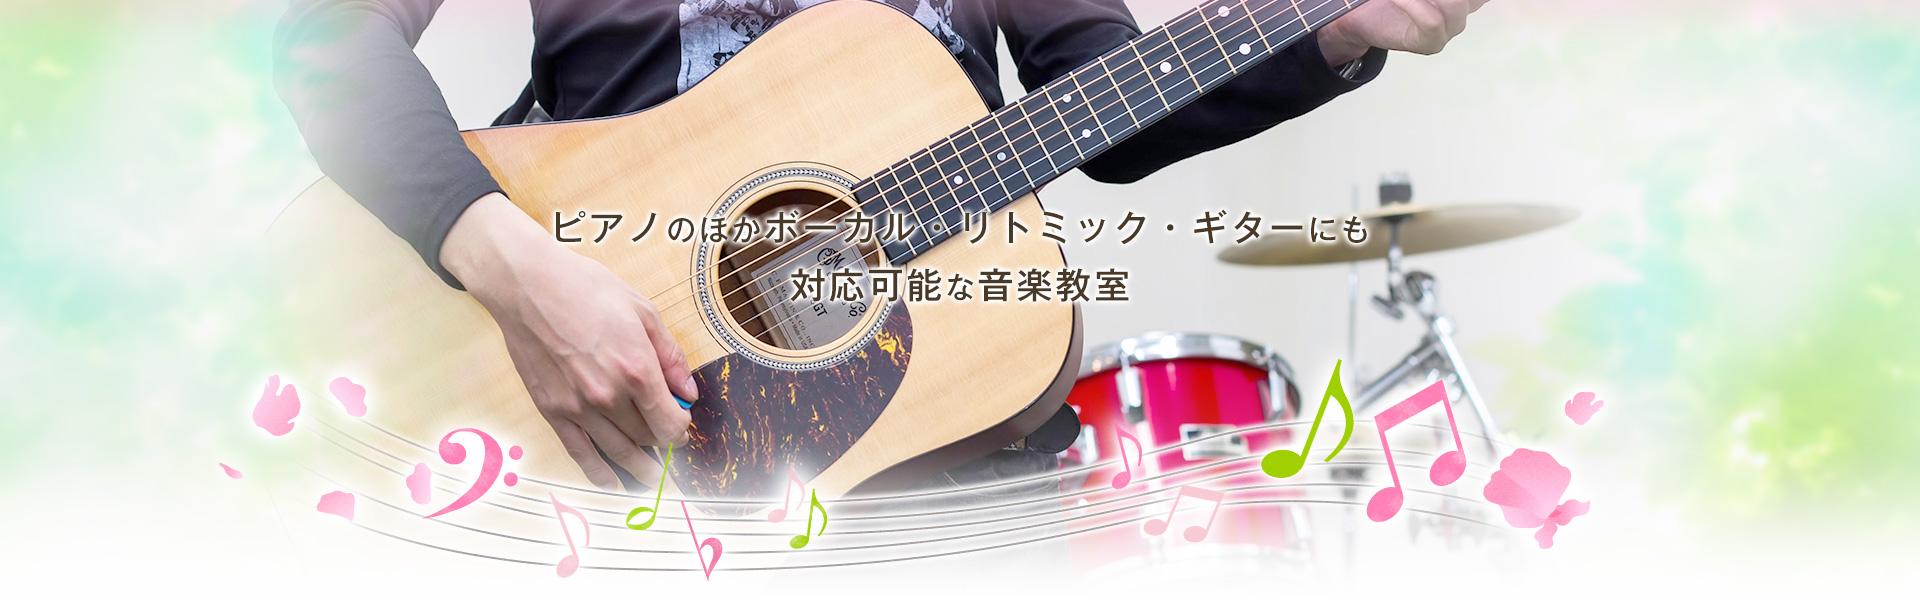 ピアノのほかボーカルやリトミックやギターにも対応可能な音楽教室